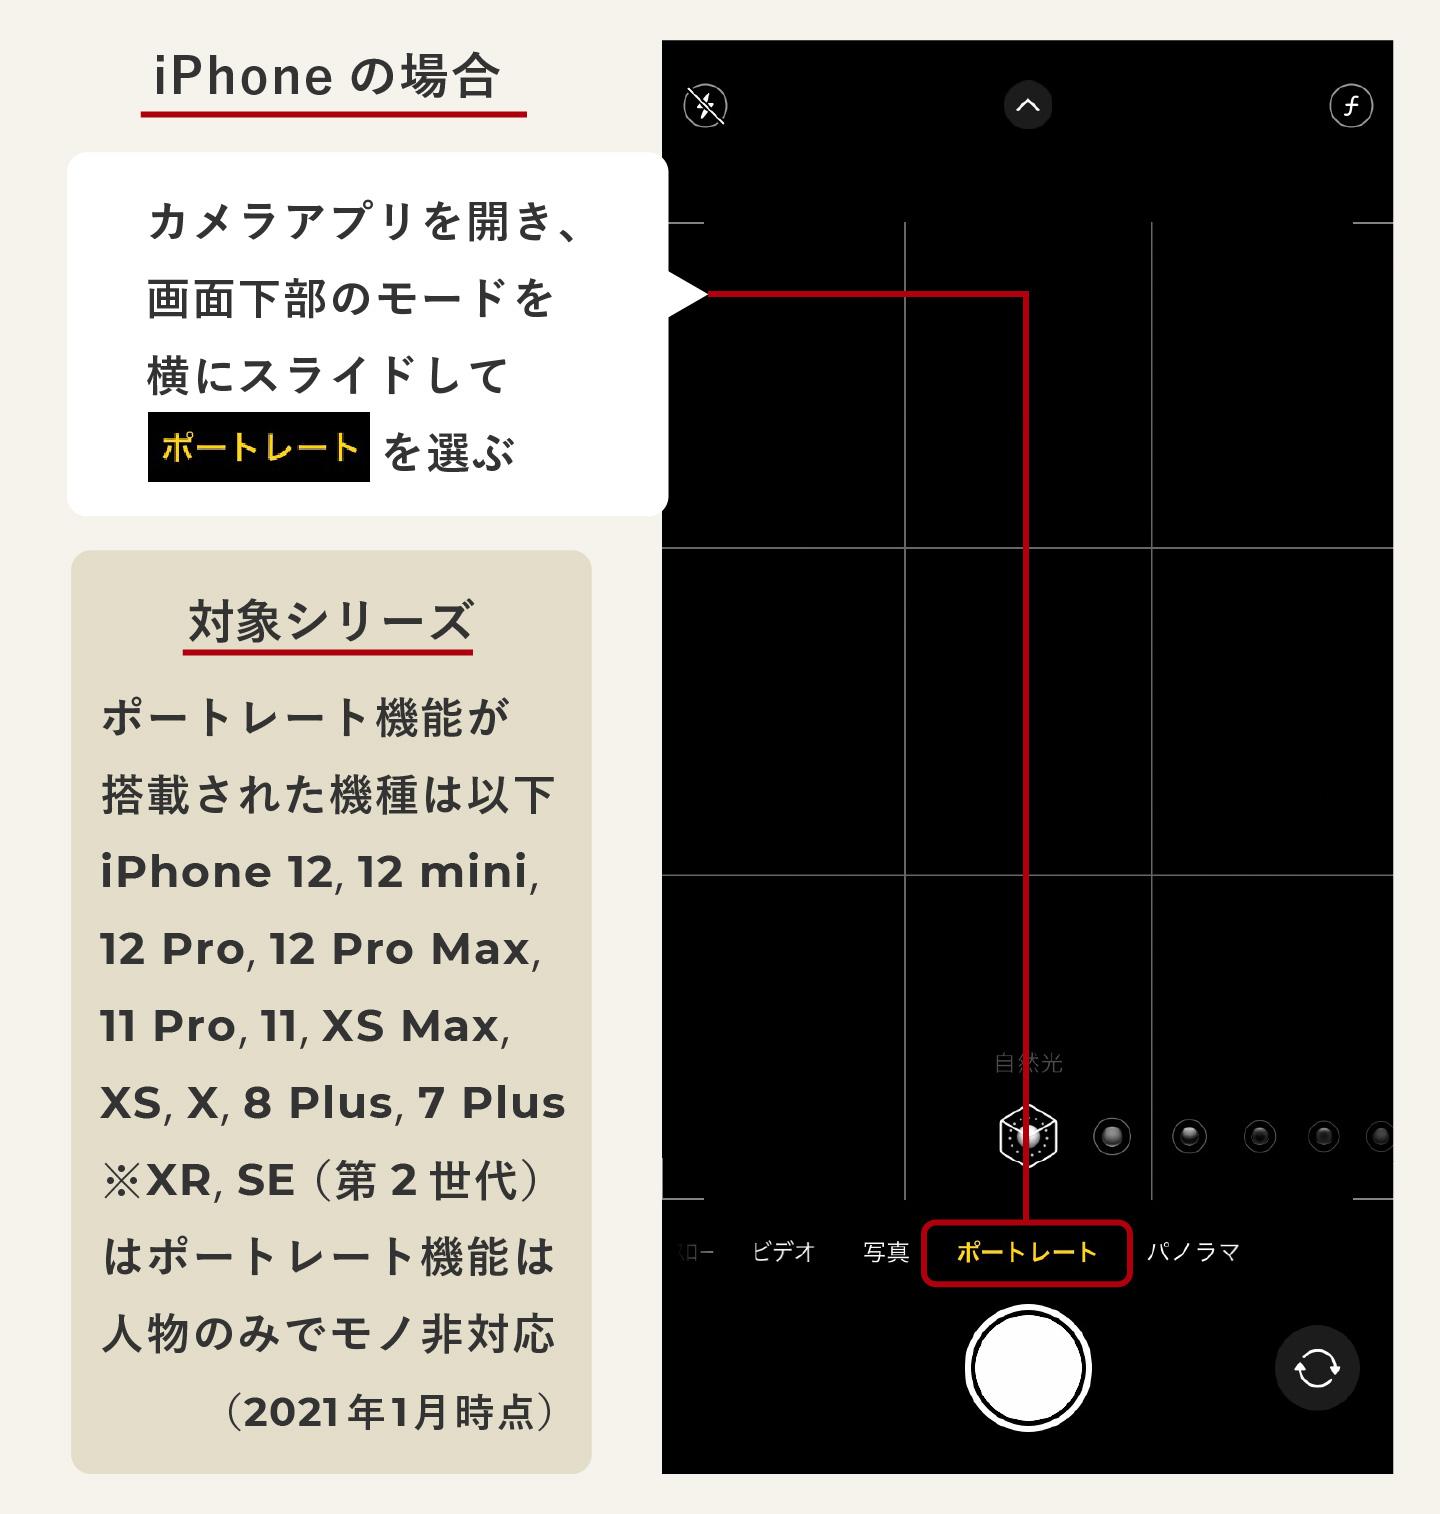 iPhoneカメラアプリ標準搭載のポートレート機能の説明